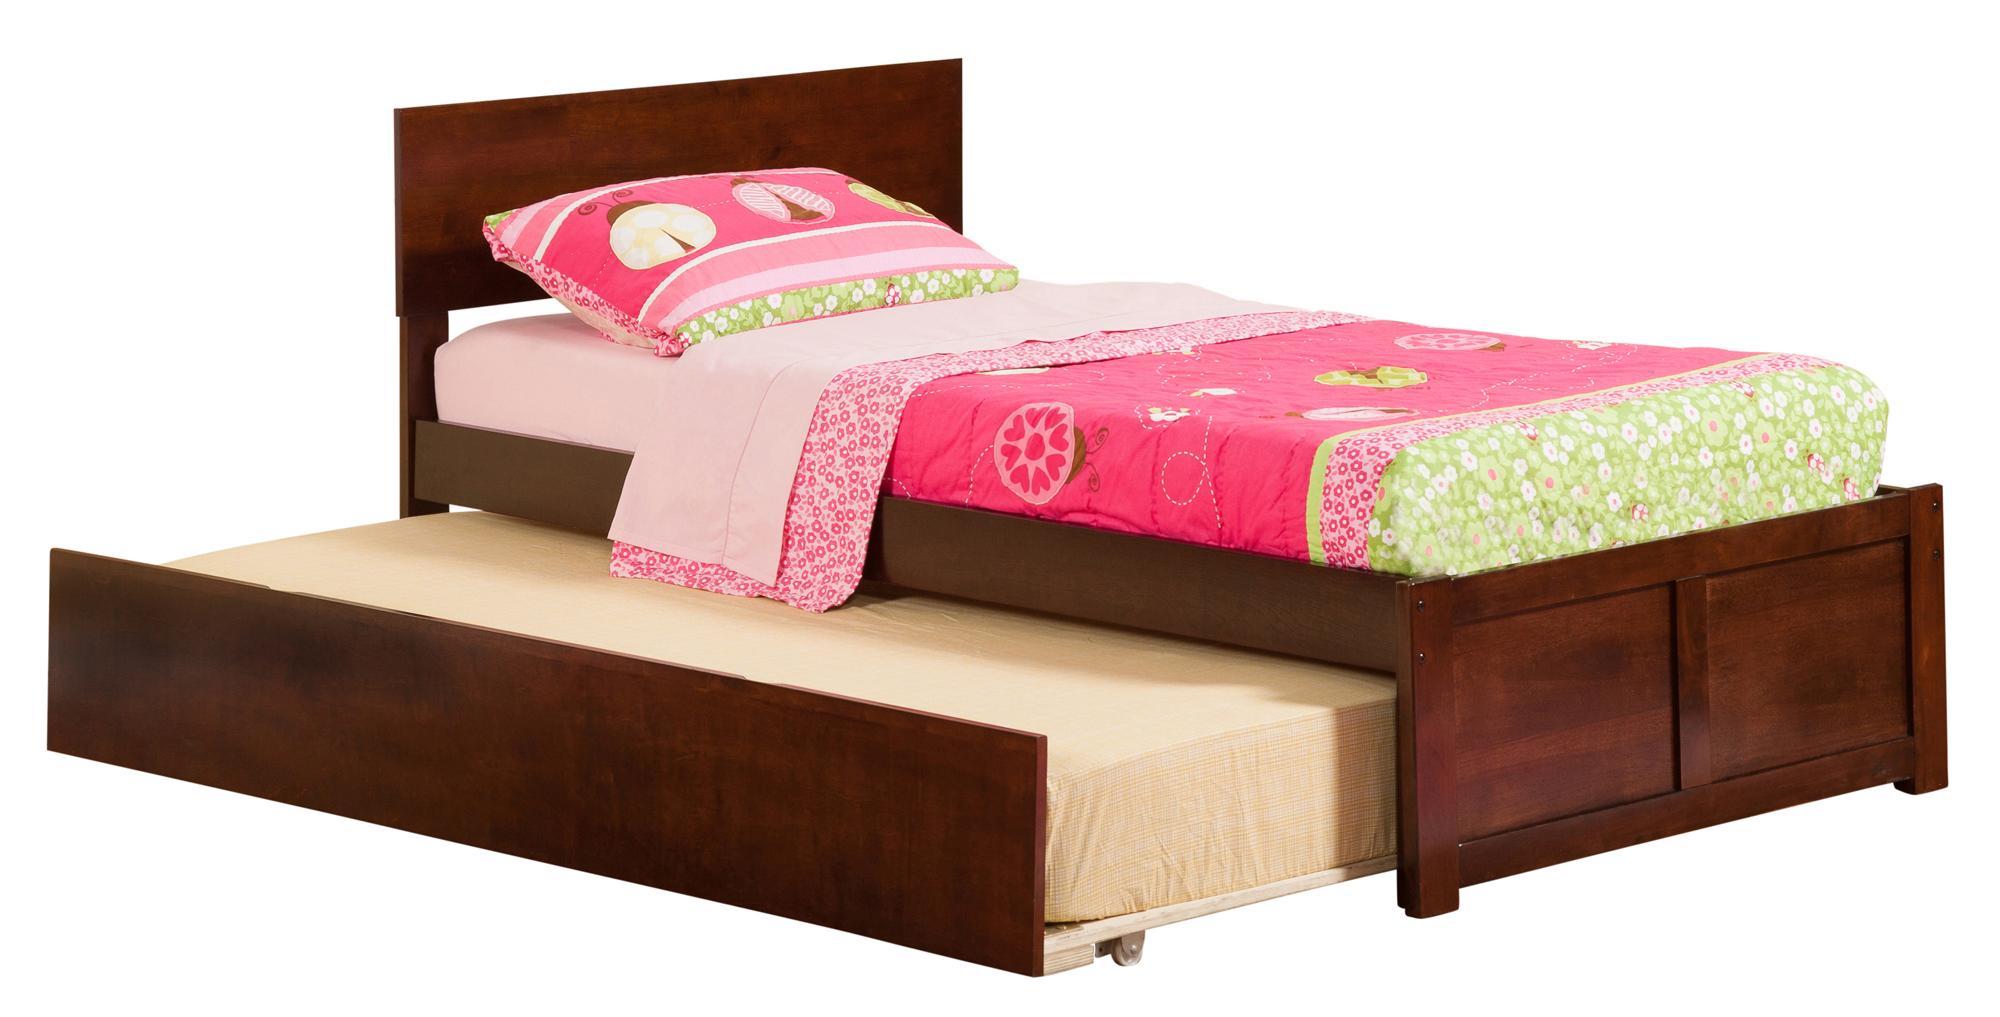 Atlantic Furniture Orlando Flat Panel Foot Board W Urban Trundle By Oj Commerce Ar8122014